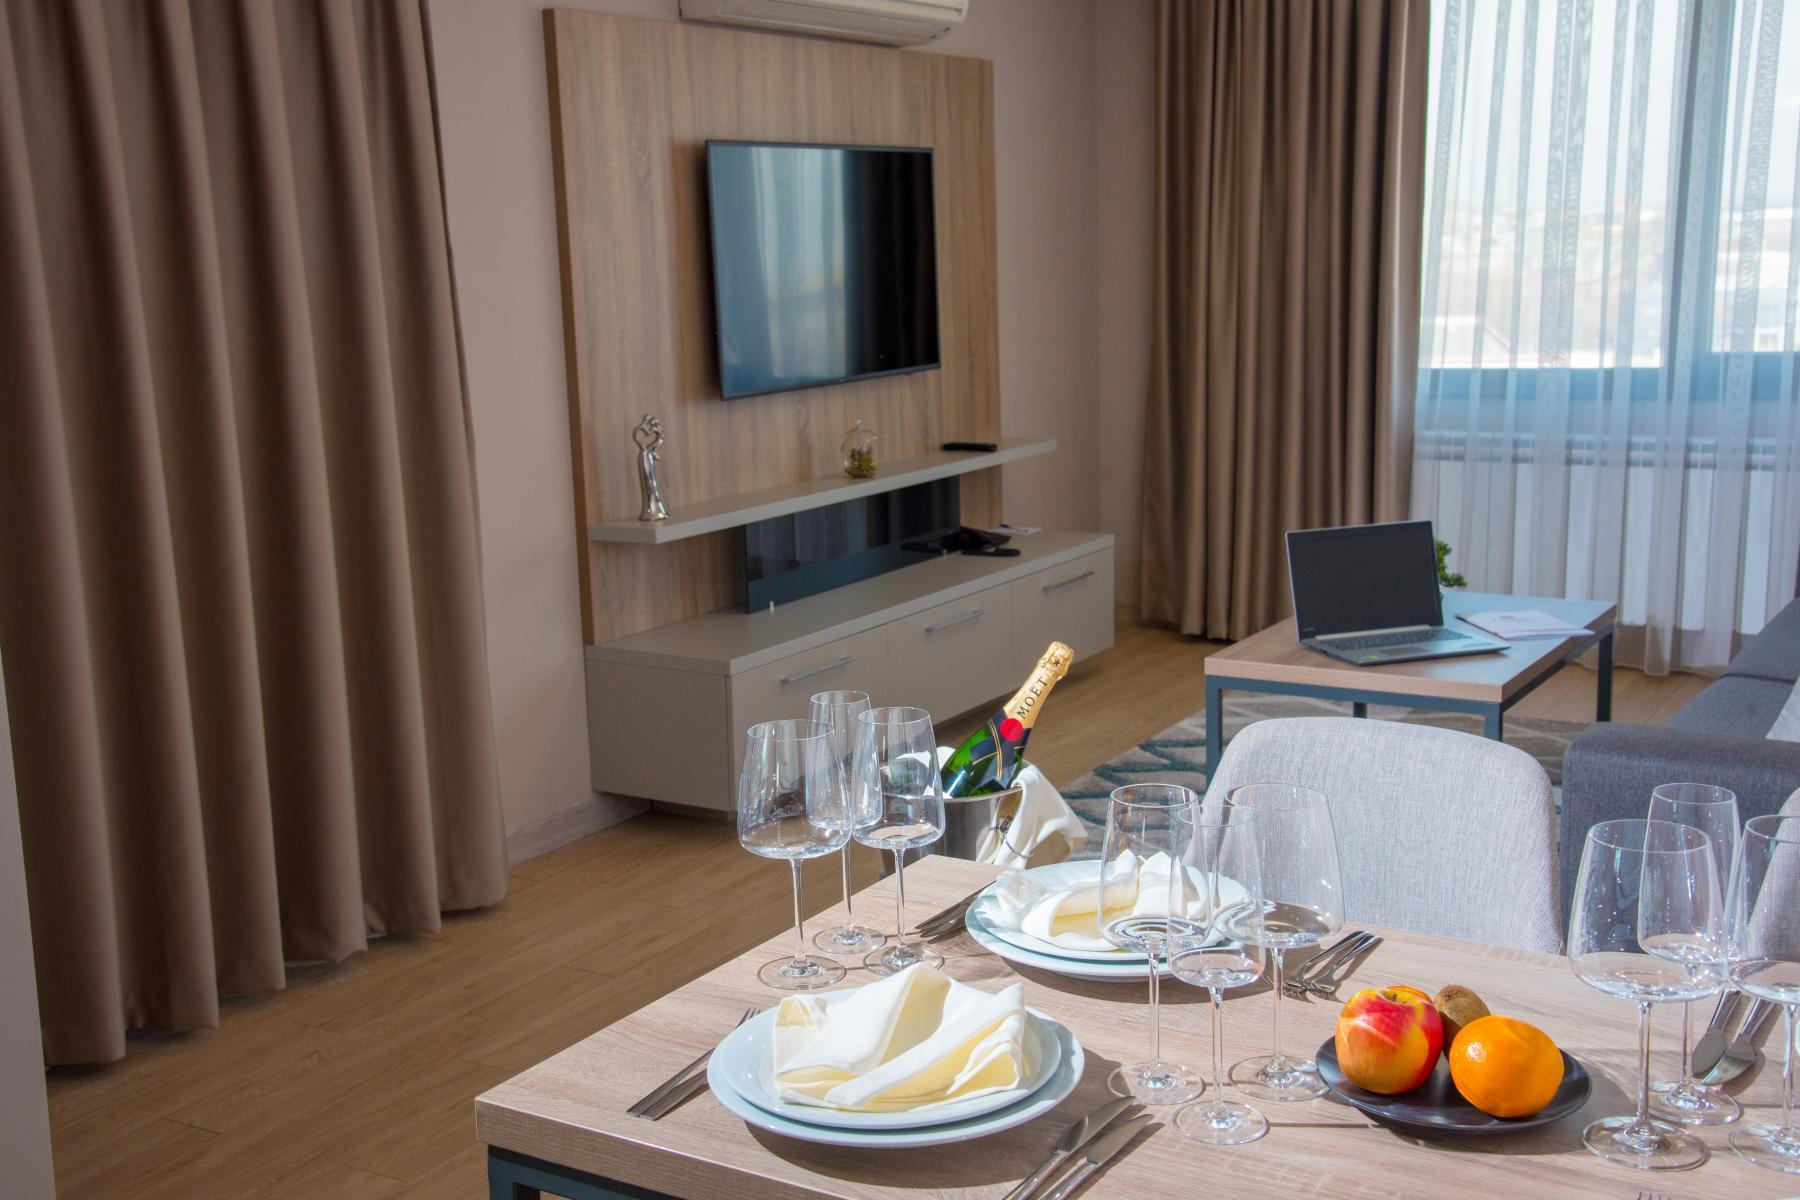 Нощувка със закуска за двама в хотел Бест Уестърн Премиер****, Пловдив, снимка 8